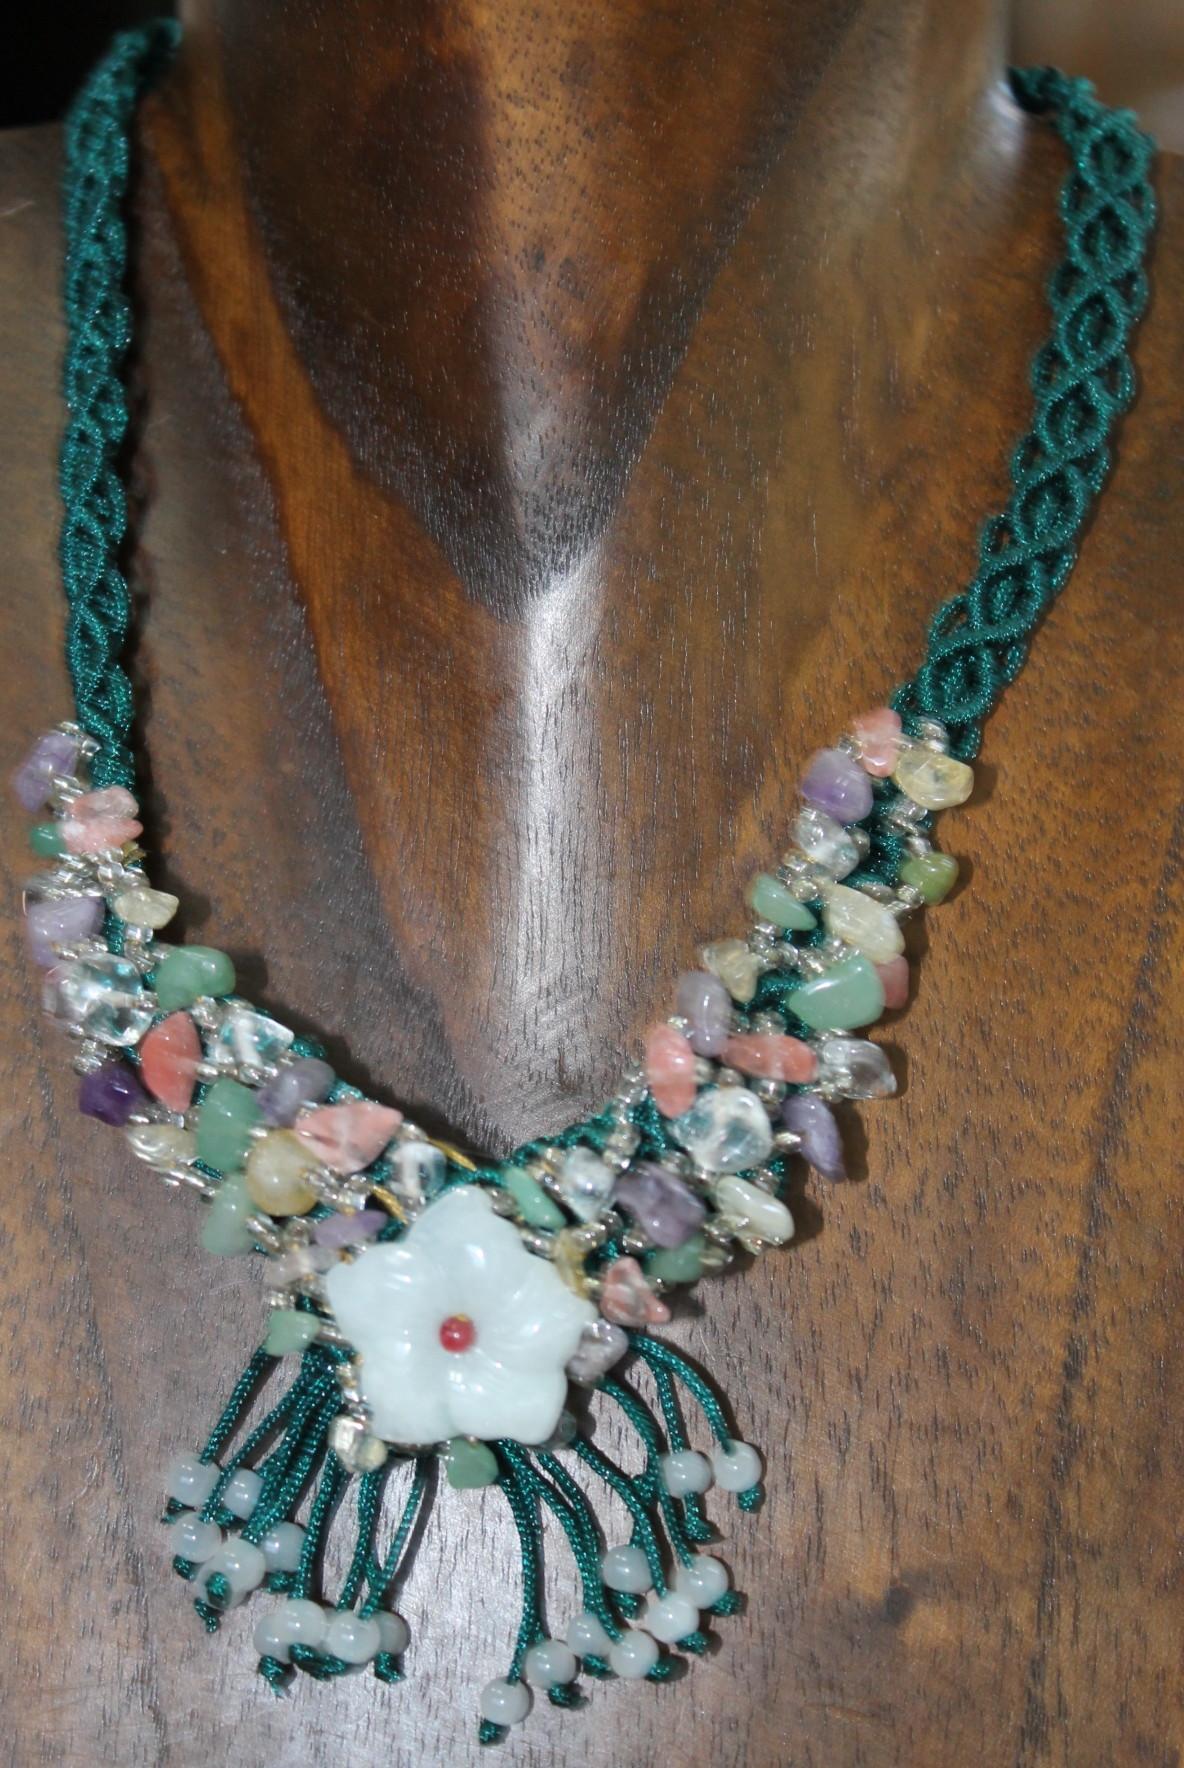 el precio más bajo 4bf94 1f2fe Collar de hilo con piedras semipreciosas único n2695